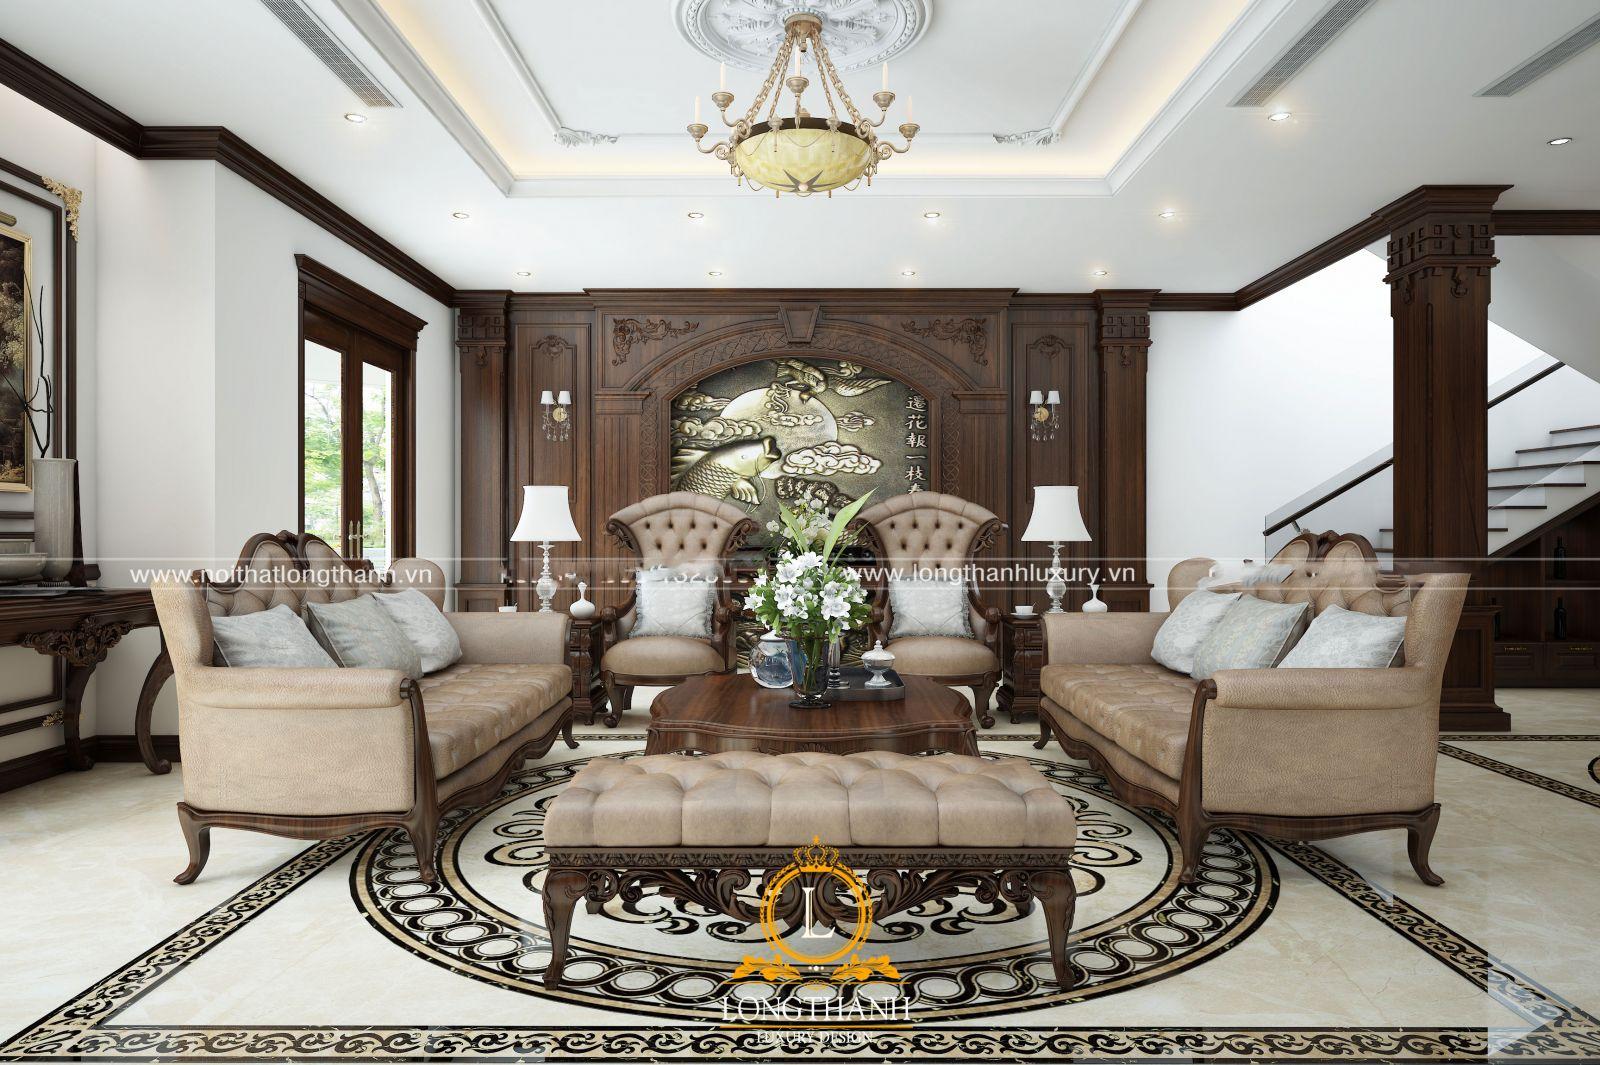 Không gian nội thất phòng khách biệt thự đẹp